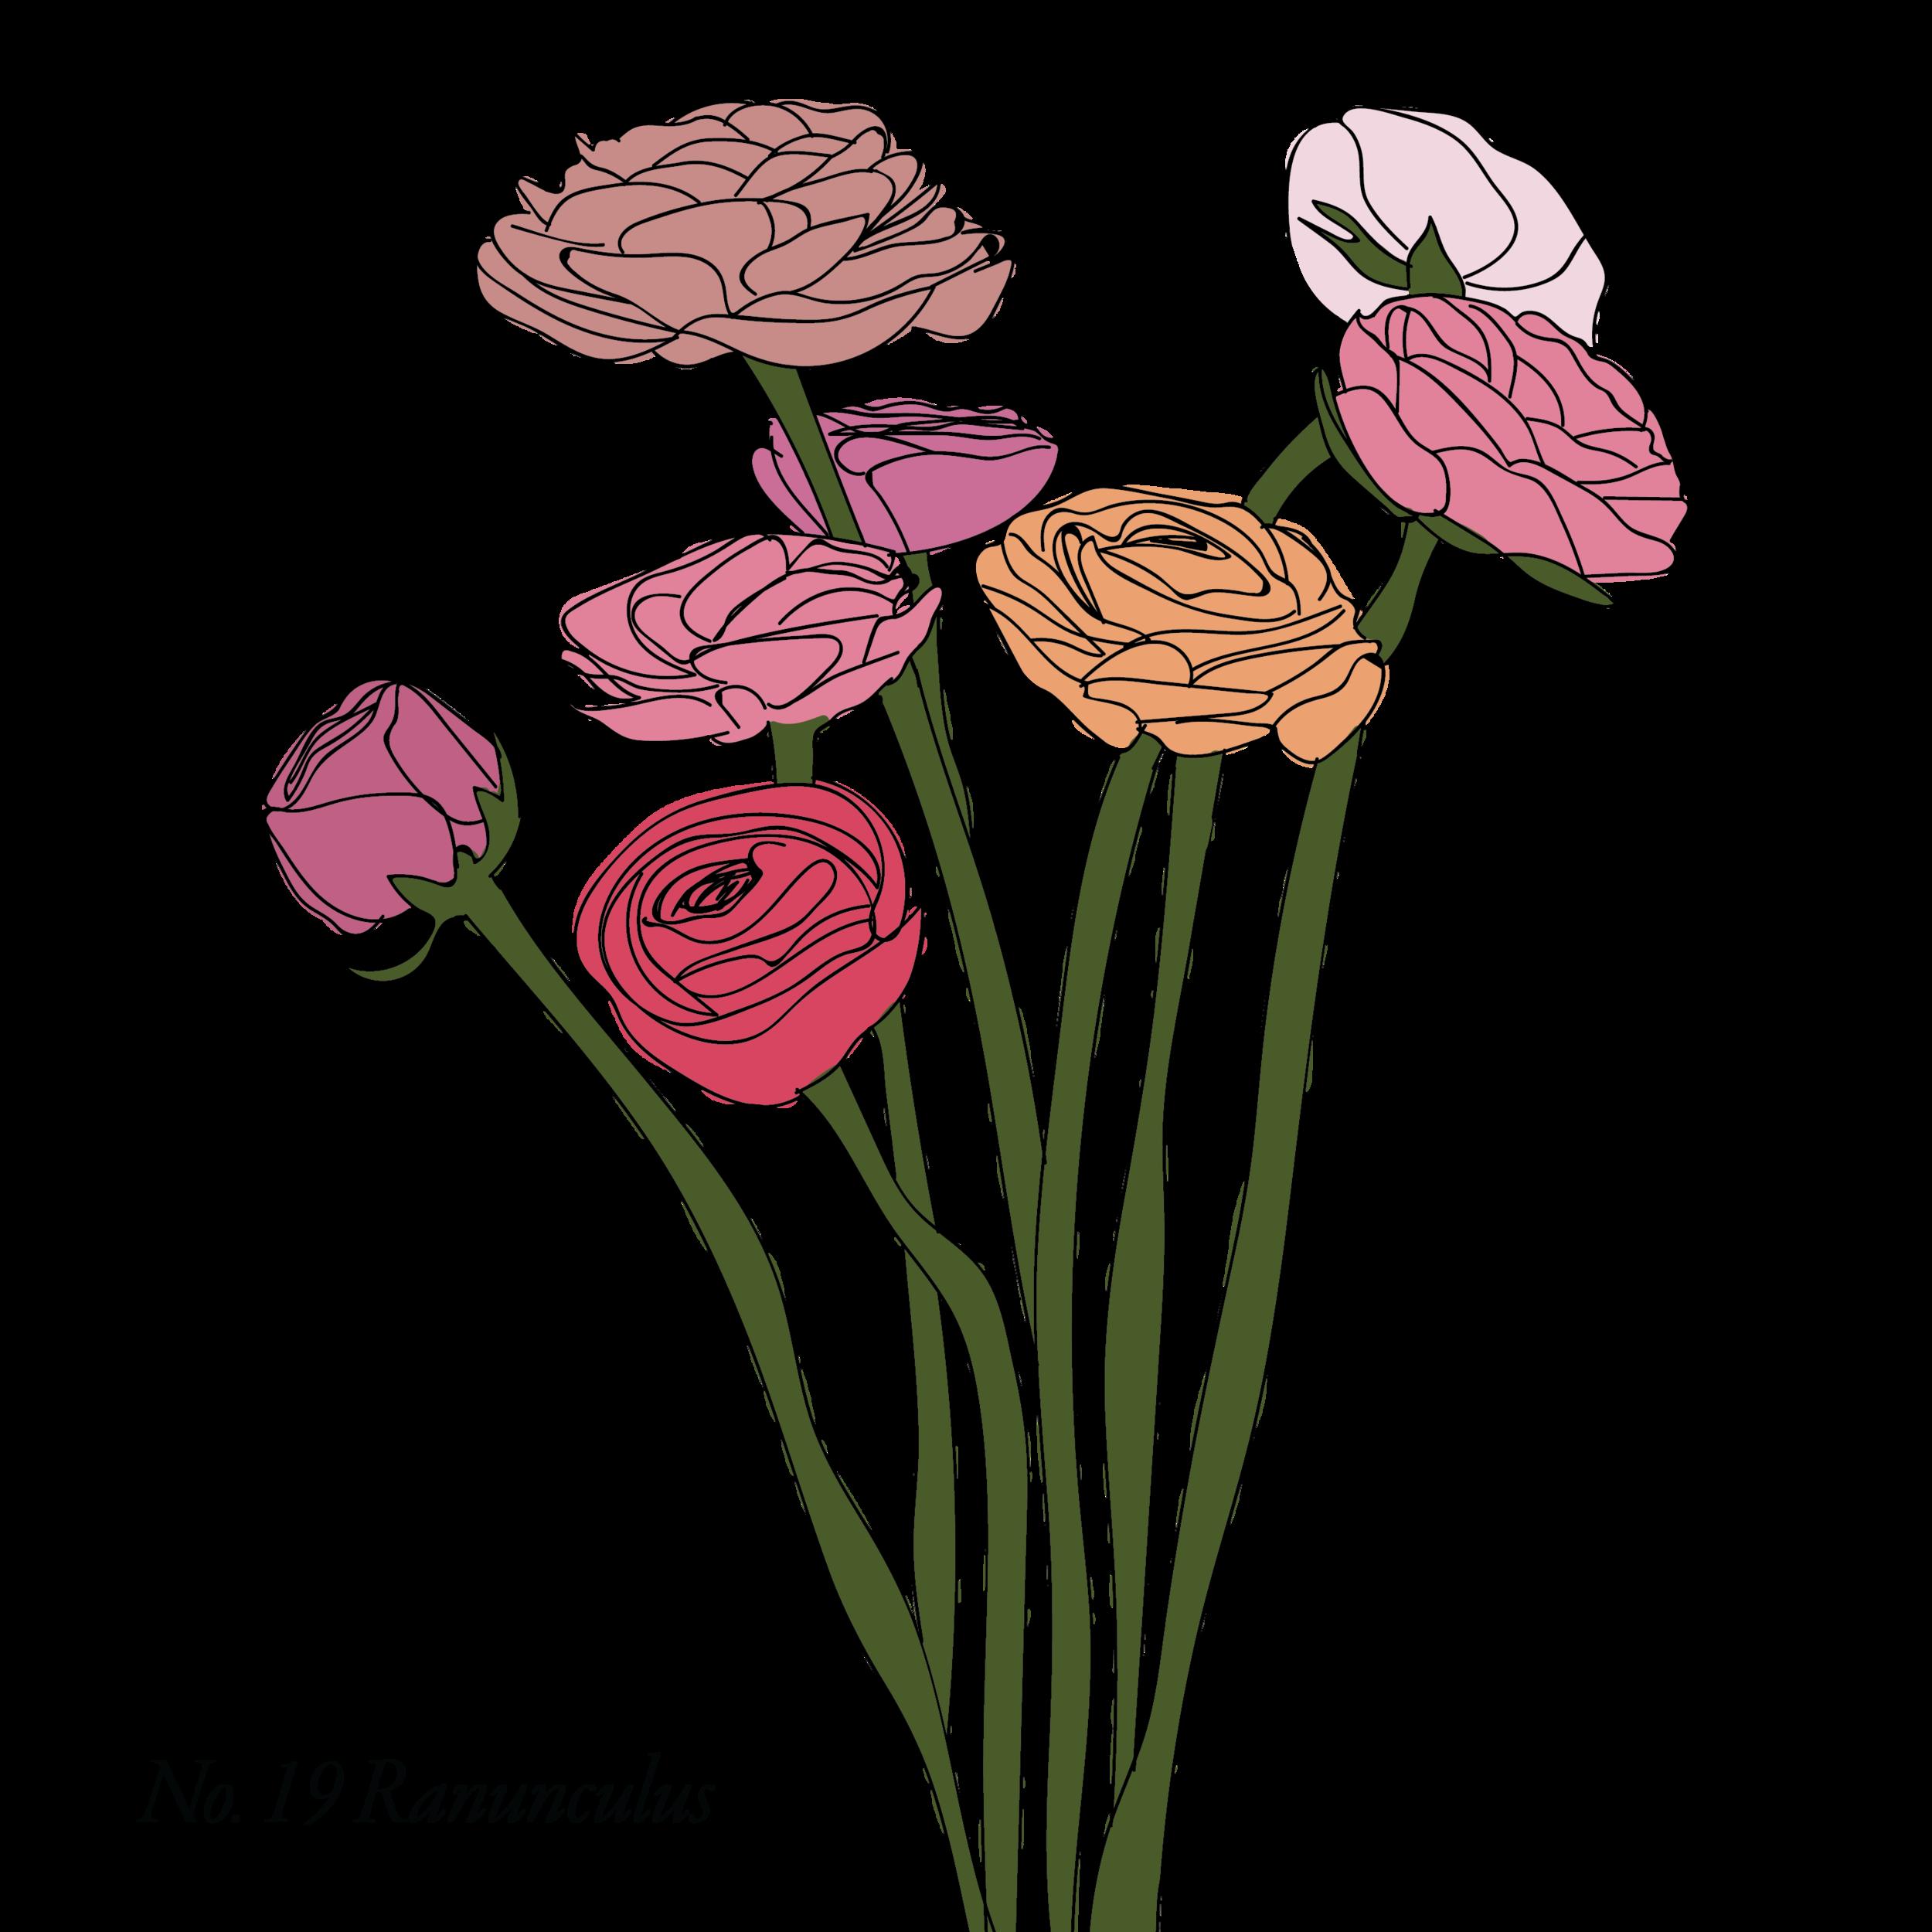 Ranunculus-19.png